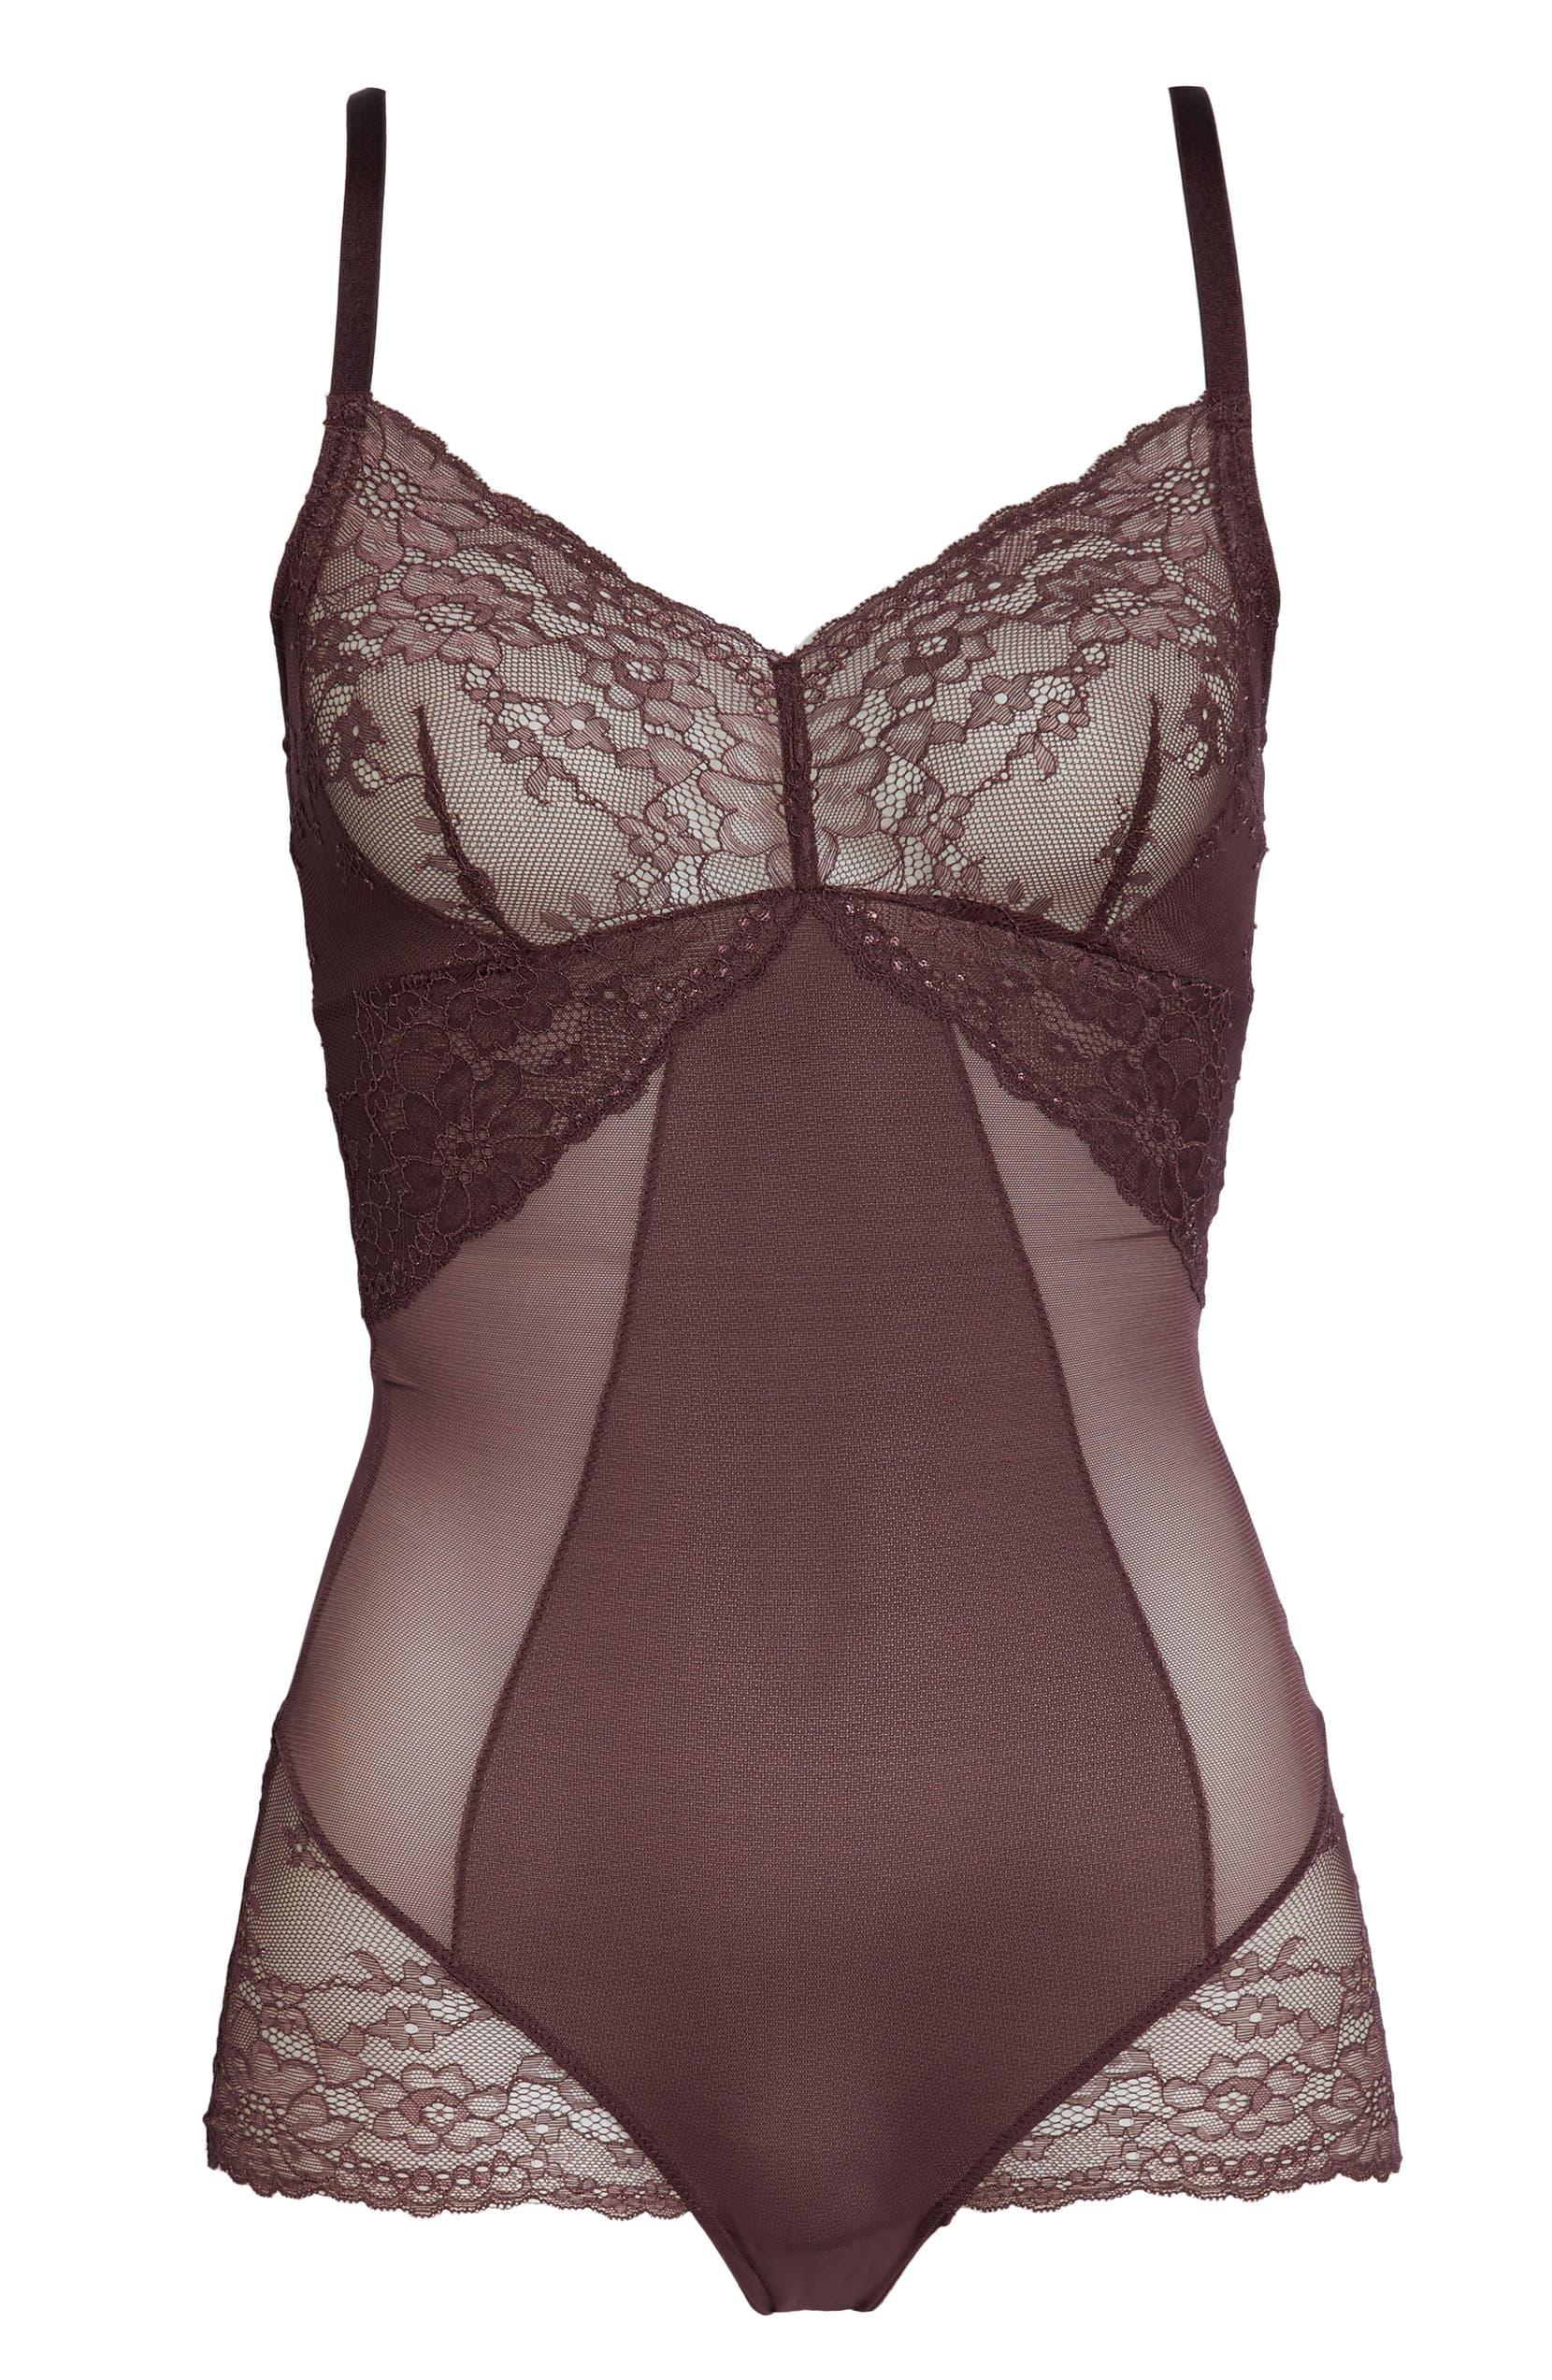 bbf9ecd16 SPANX® Spotlight On Lace Bodysuit